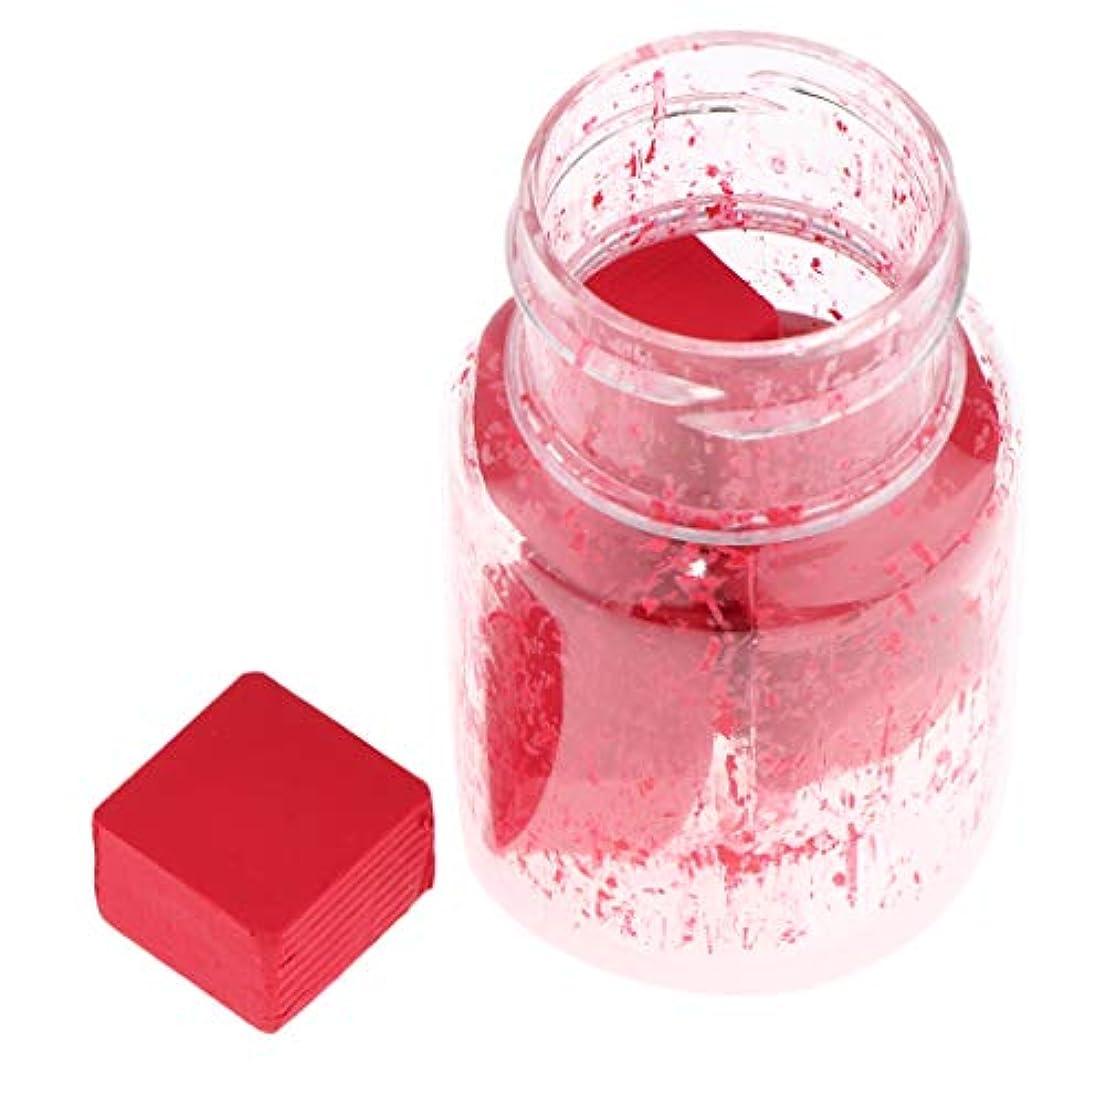 蒸留するシェードポールDIY 口紅作り リップスティック材料 リップライナー顔料 2g DIY化粧品 9色選択でき - B